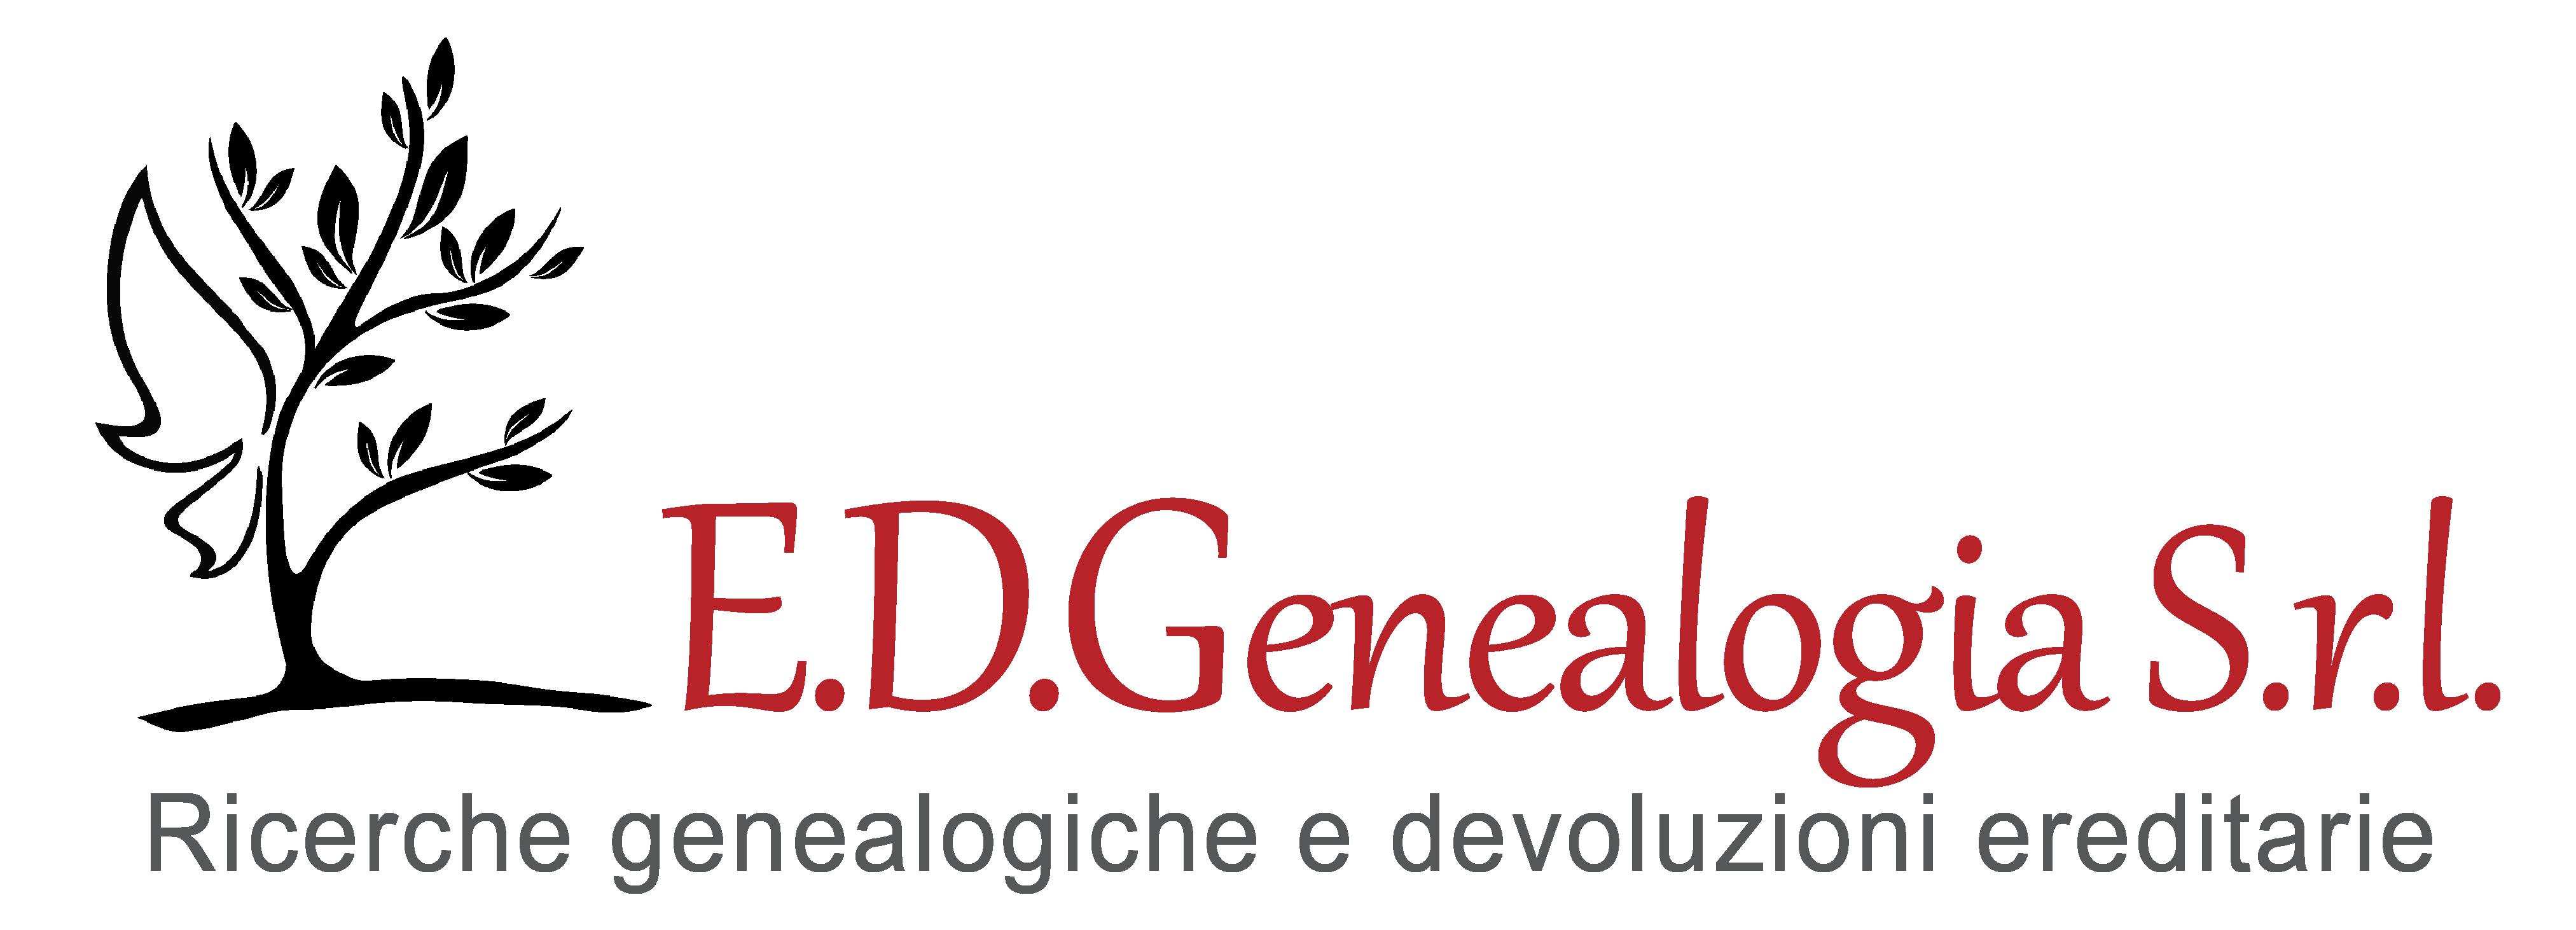 E.D. Genealogia s.r.l.